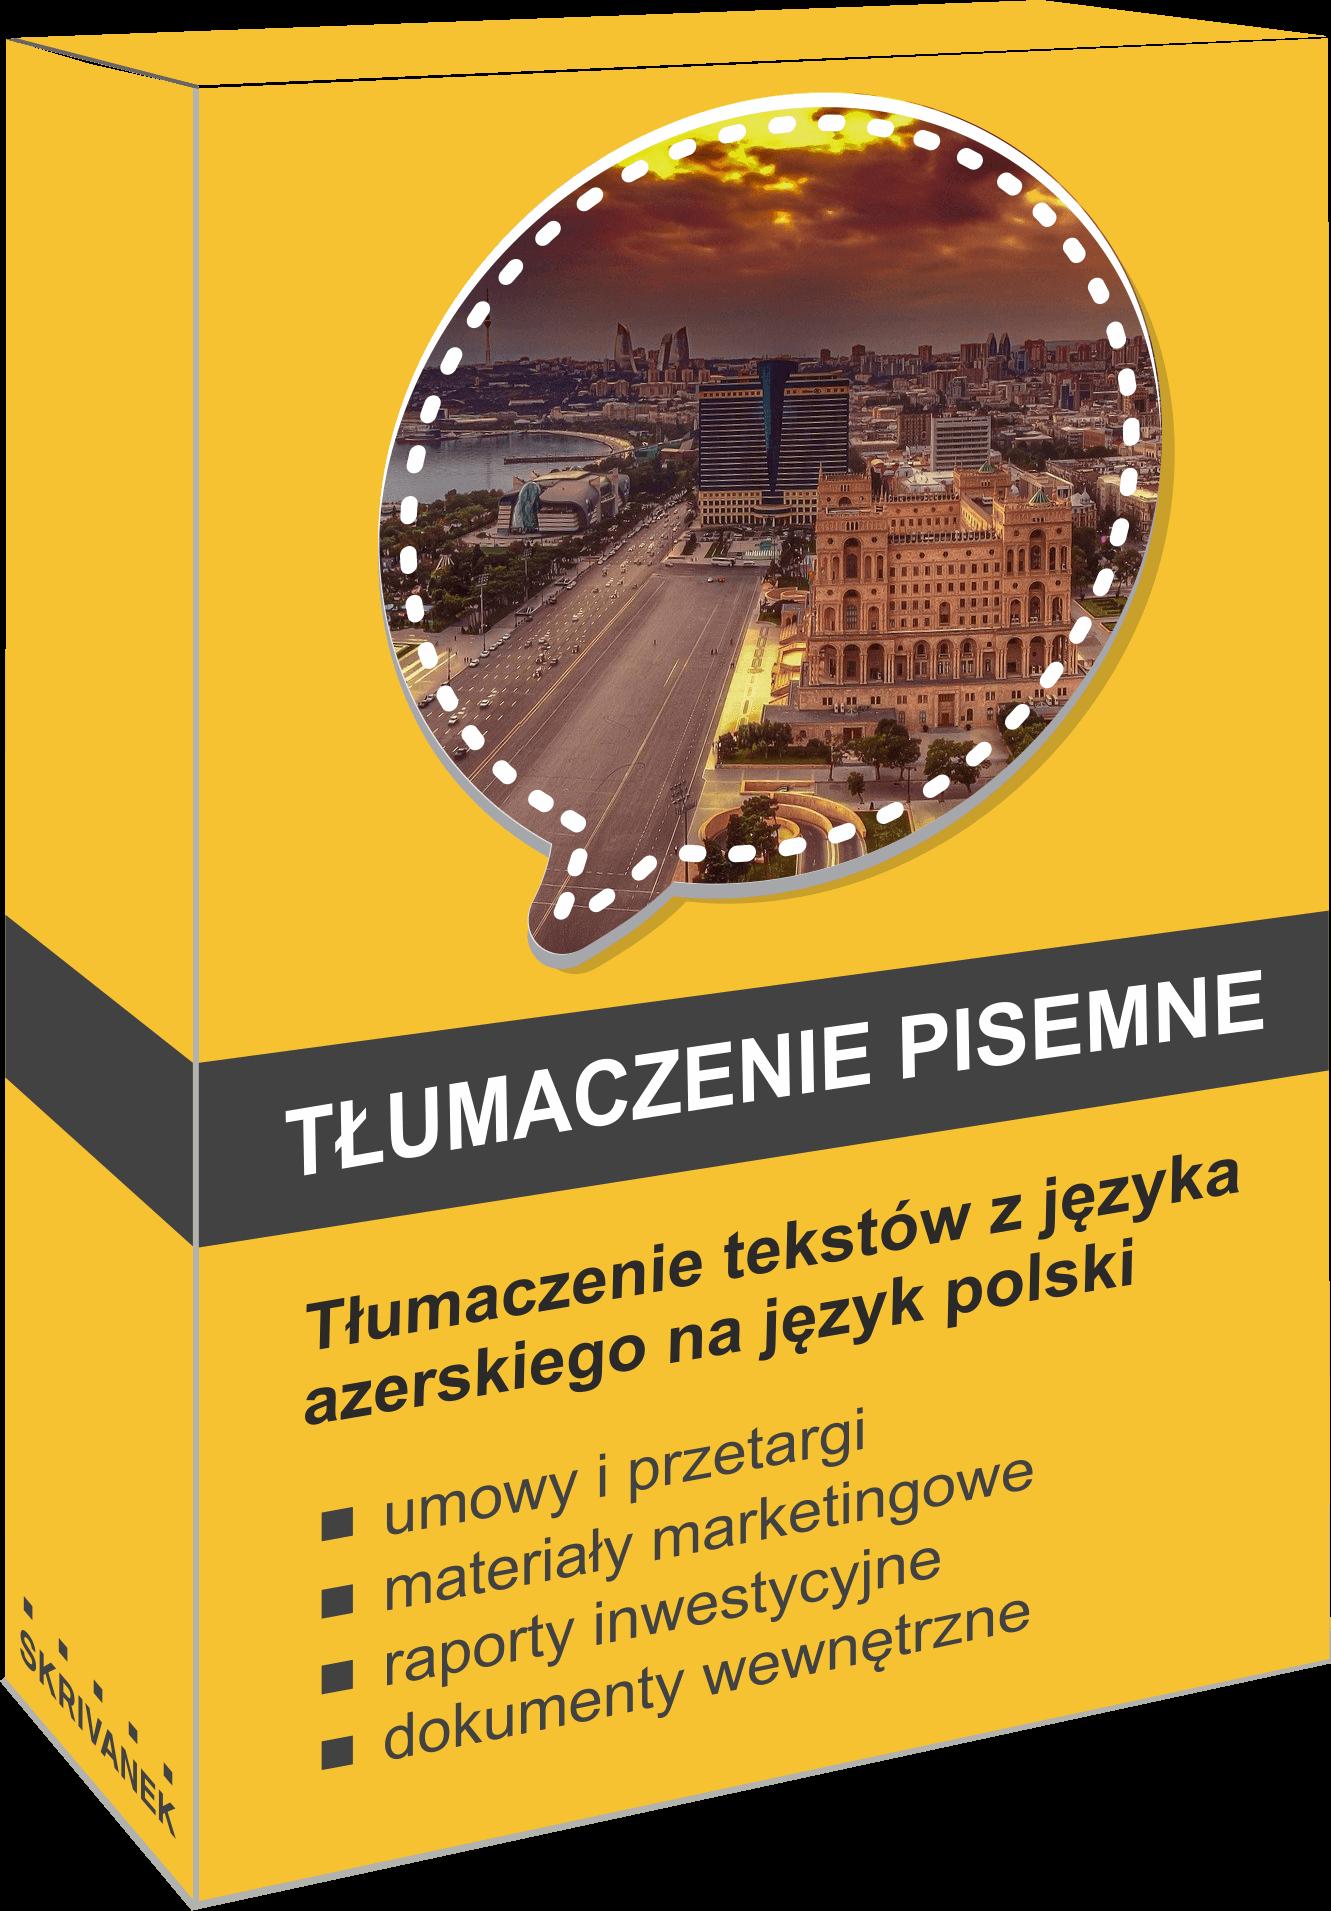 tłumacz języka azerskiego